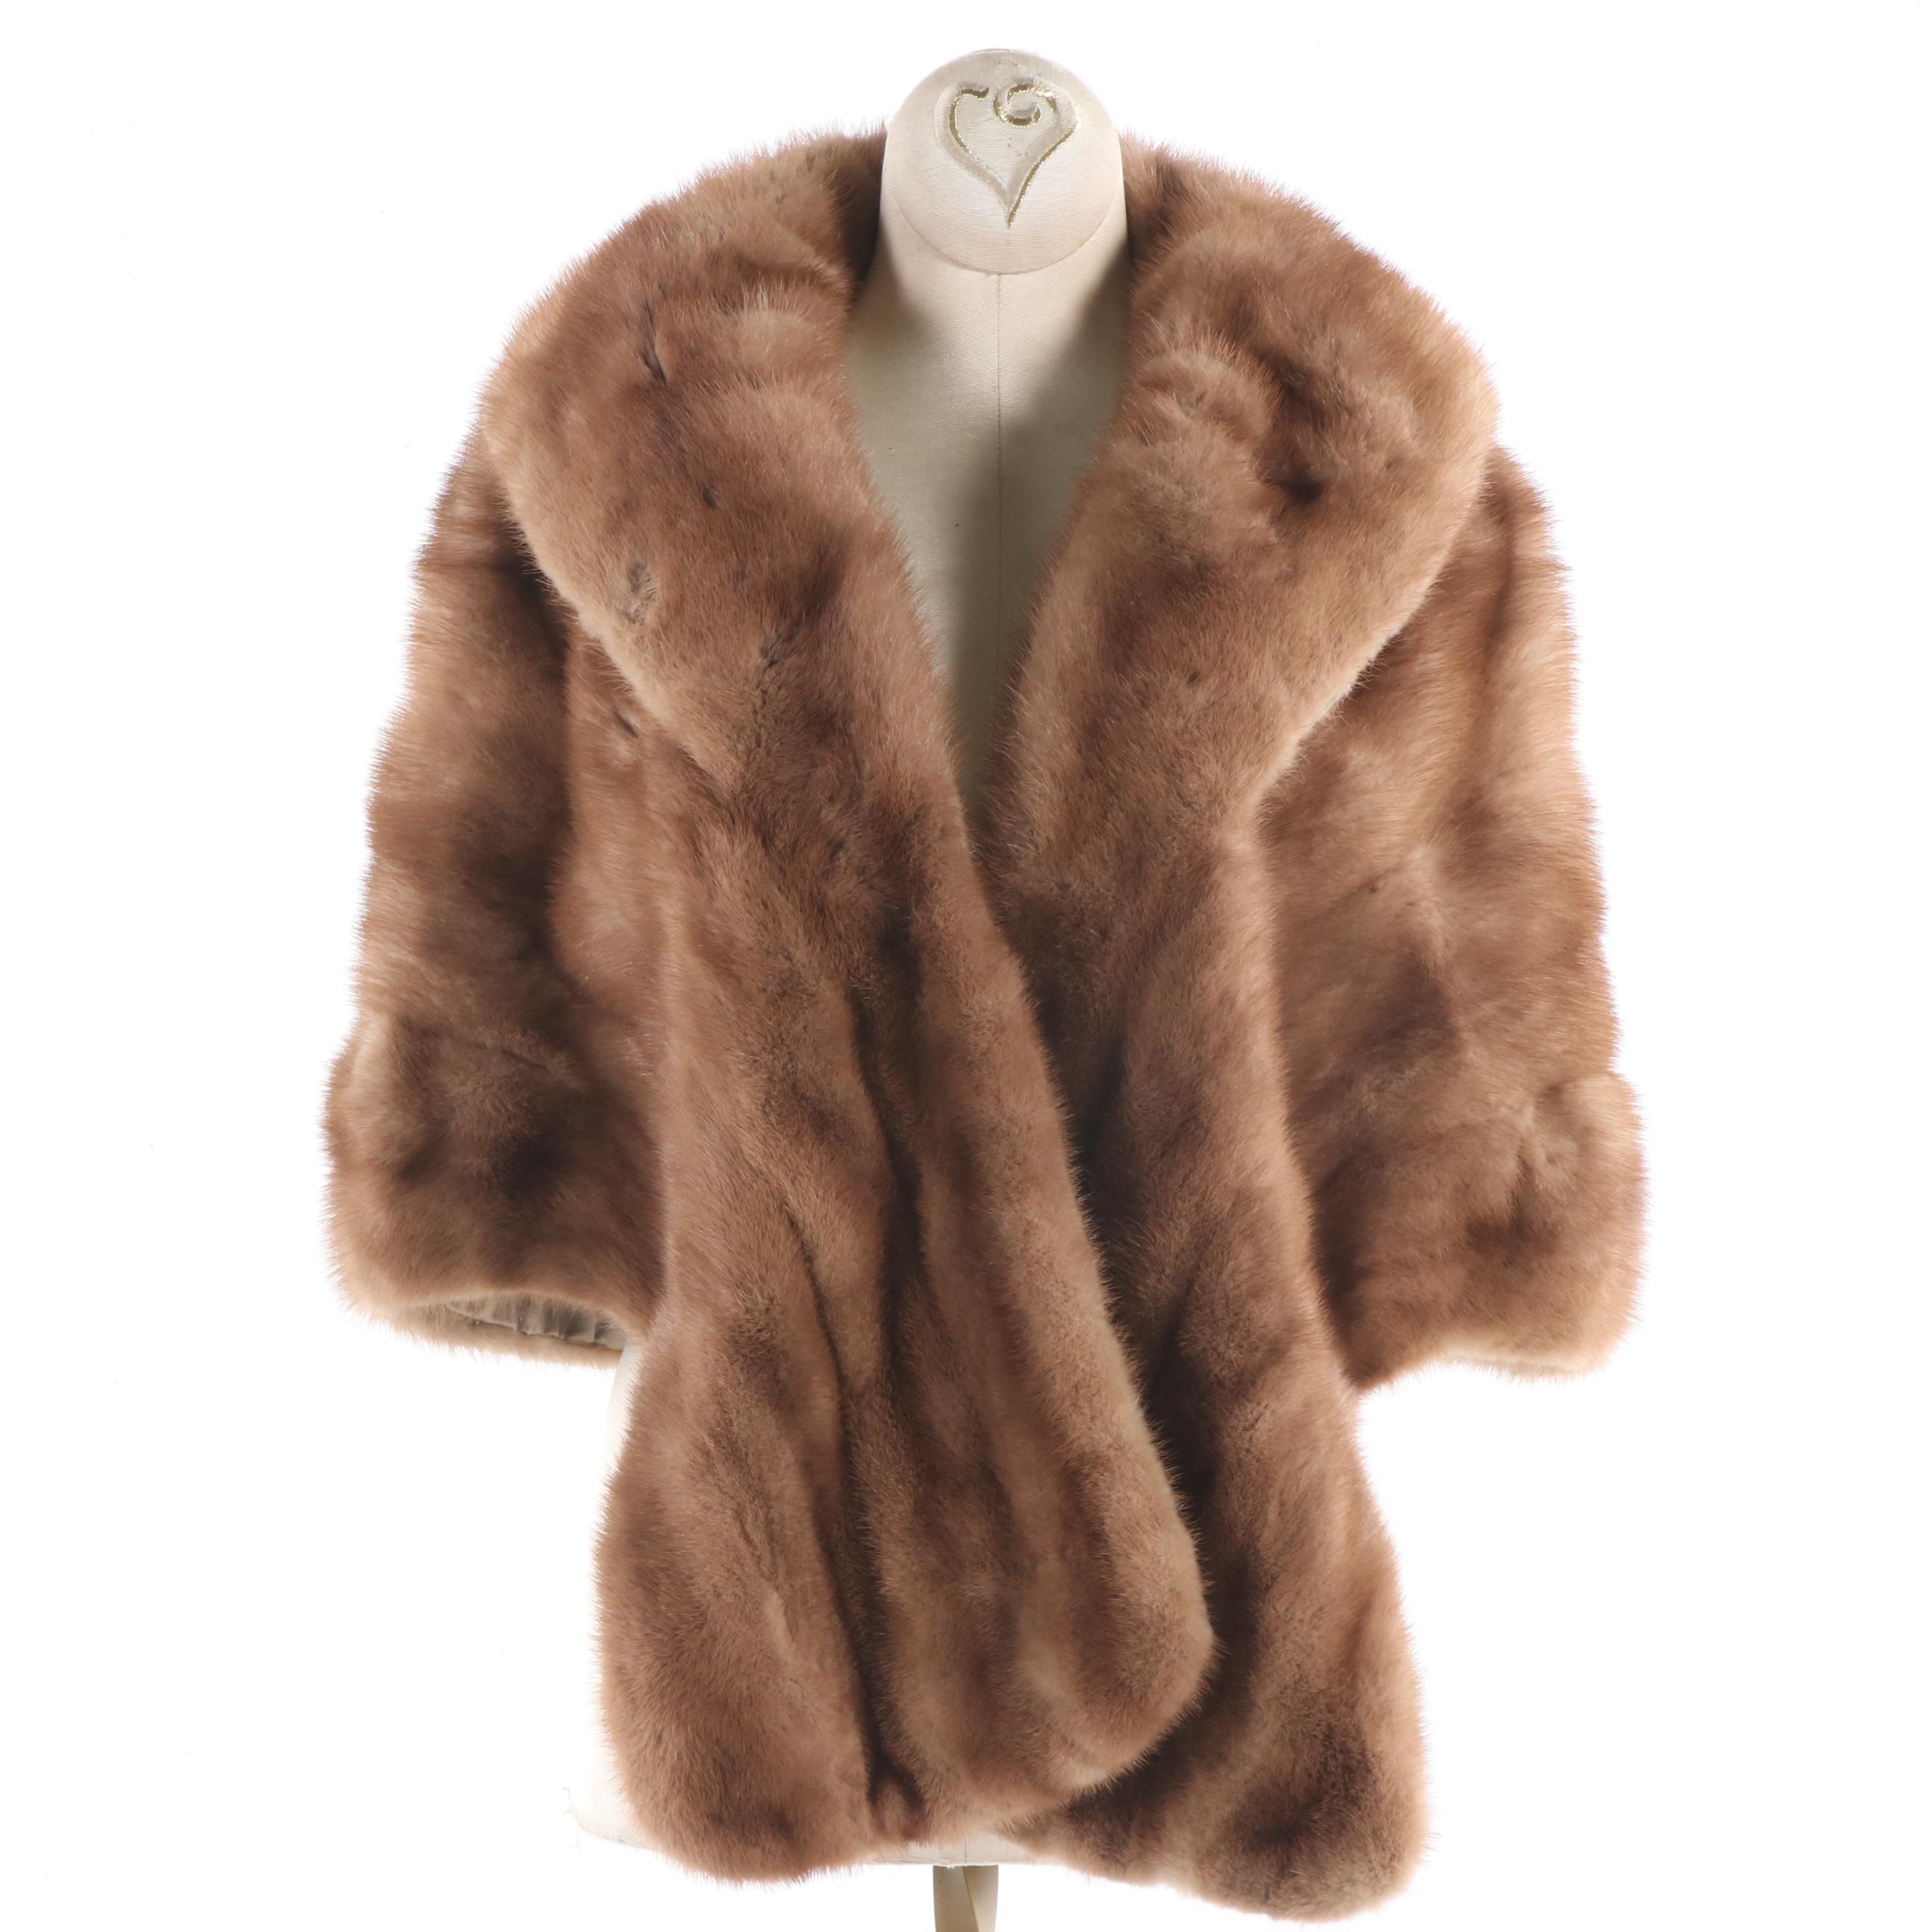 Women's Schimmel Furs Natural Mink Capelet, Vintage